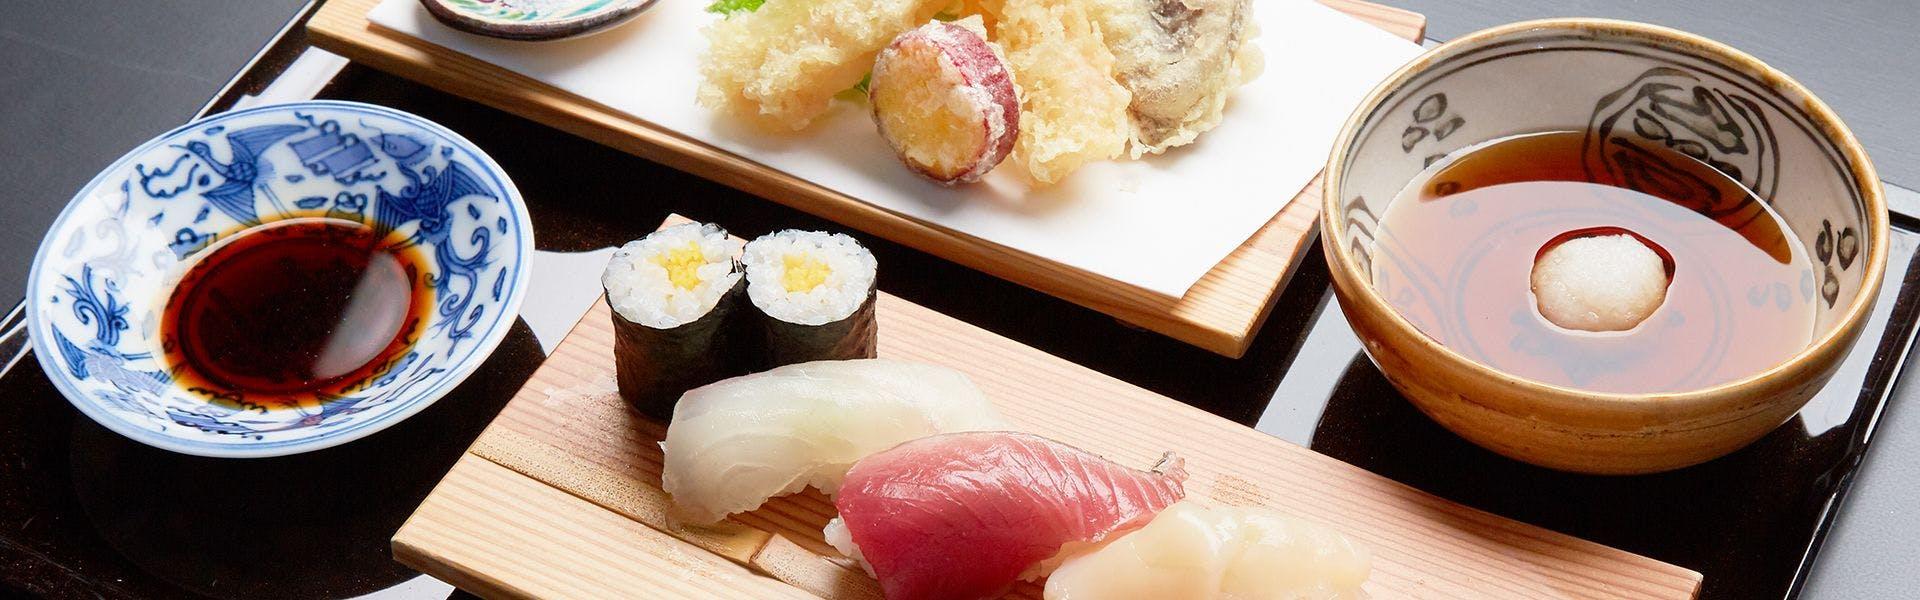 天ぷら寿司ご膳